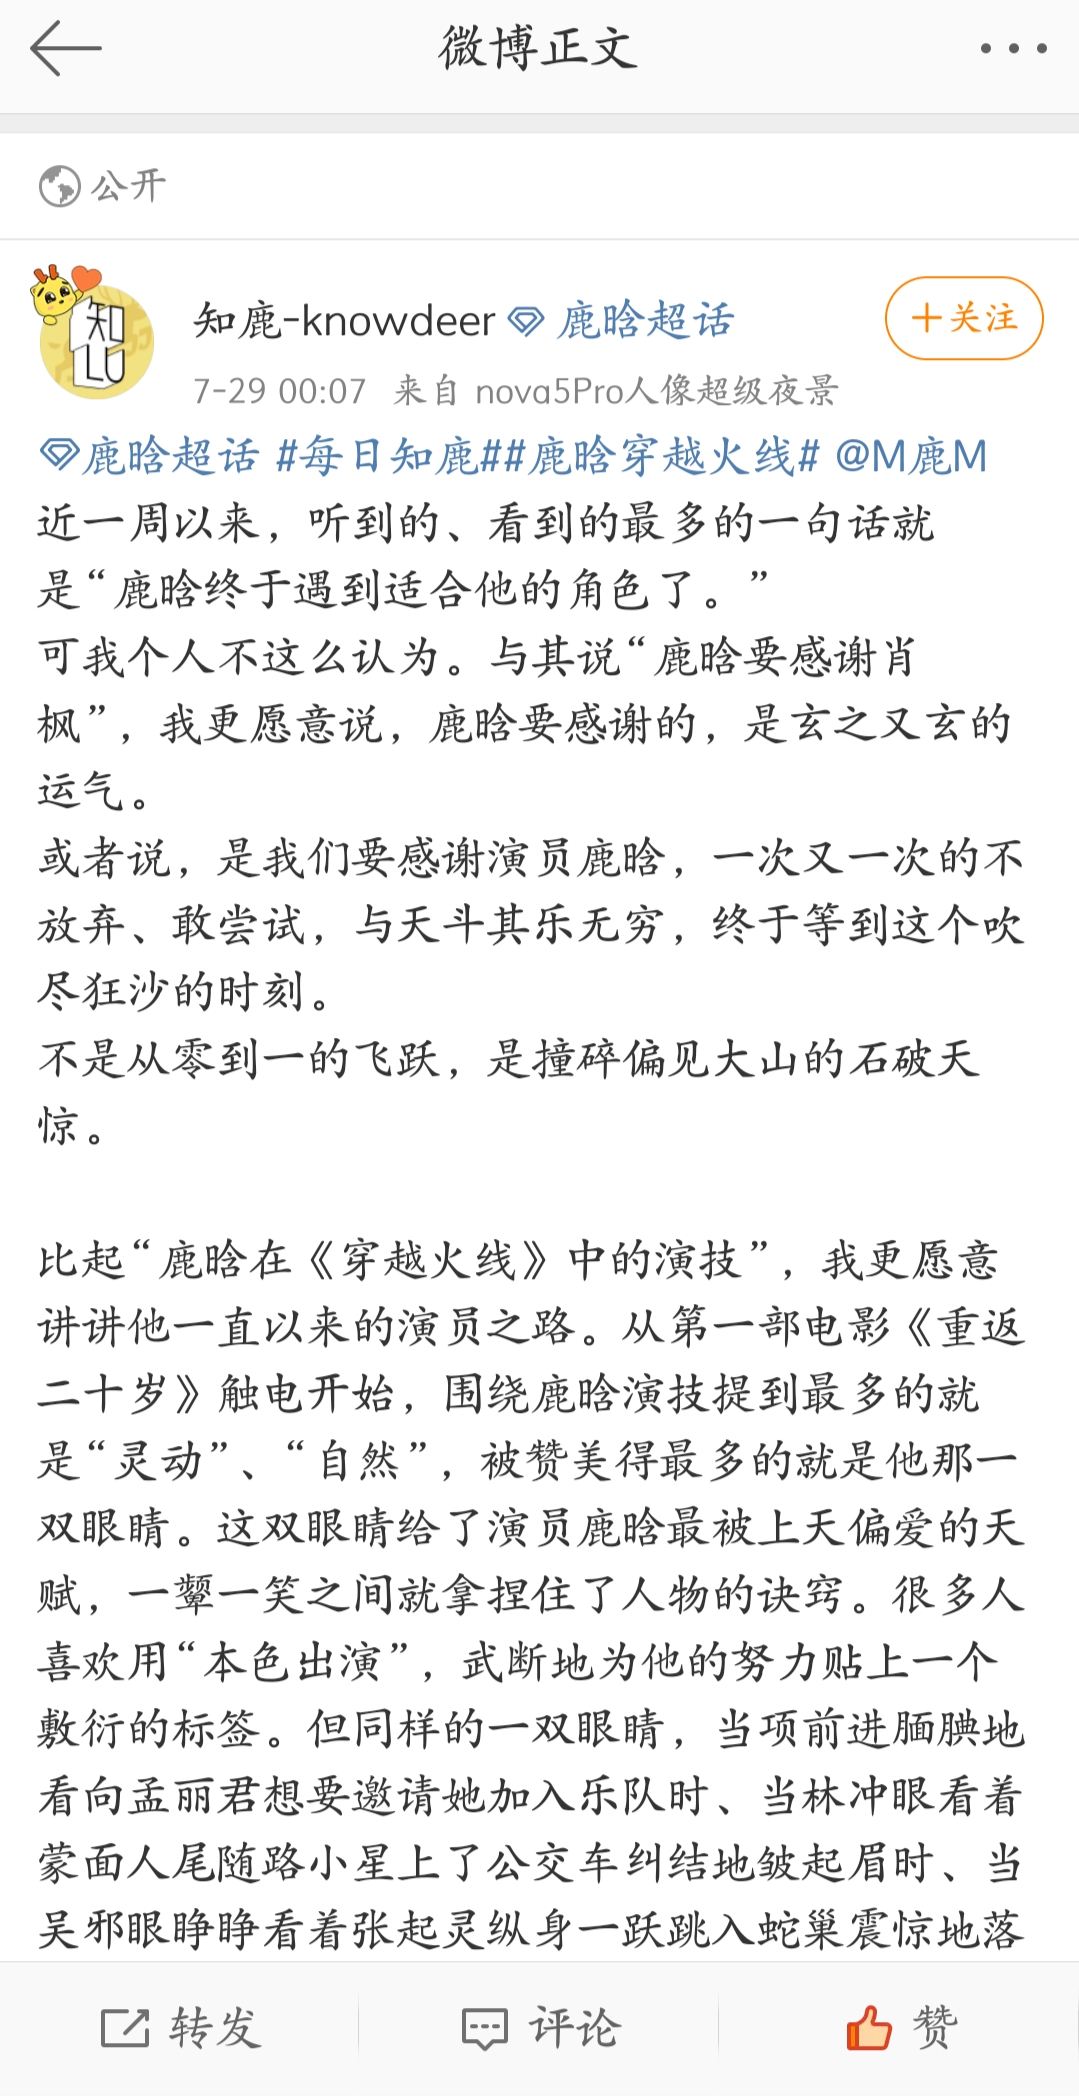 [分享]200806 好文推荐:如何评价鹿晗《穿越火线》中的演技?